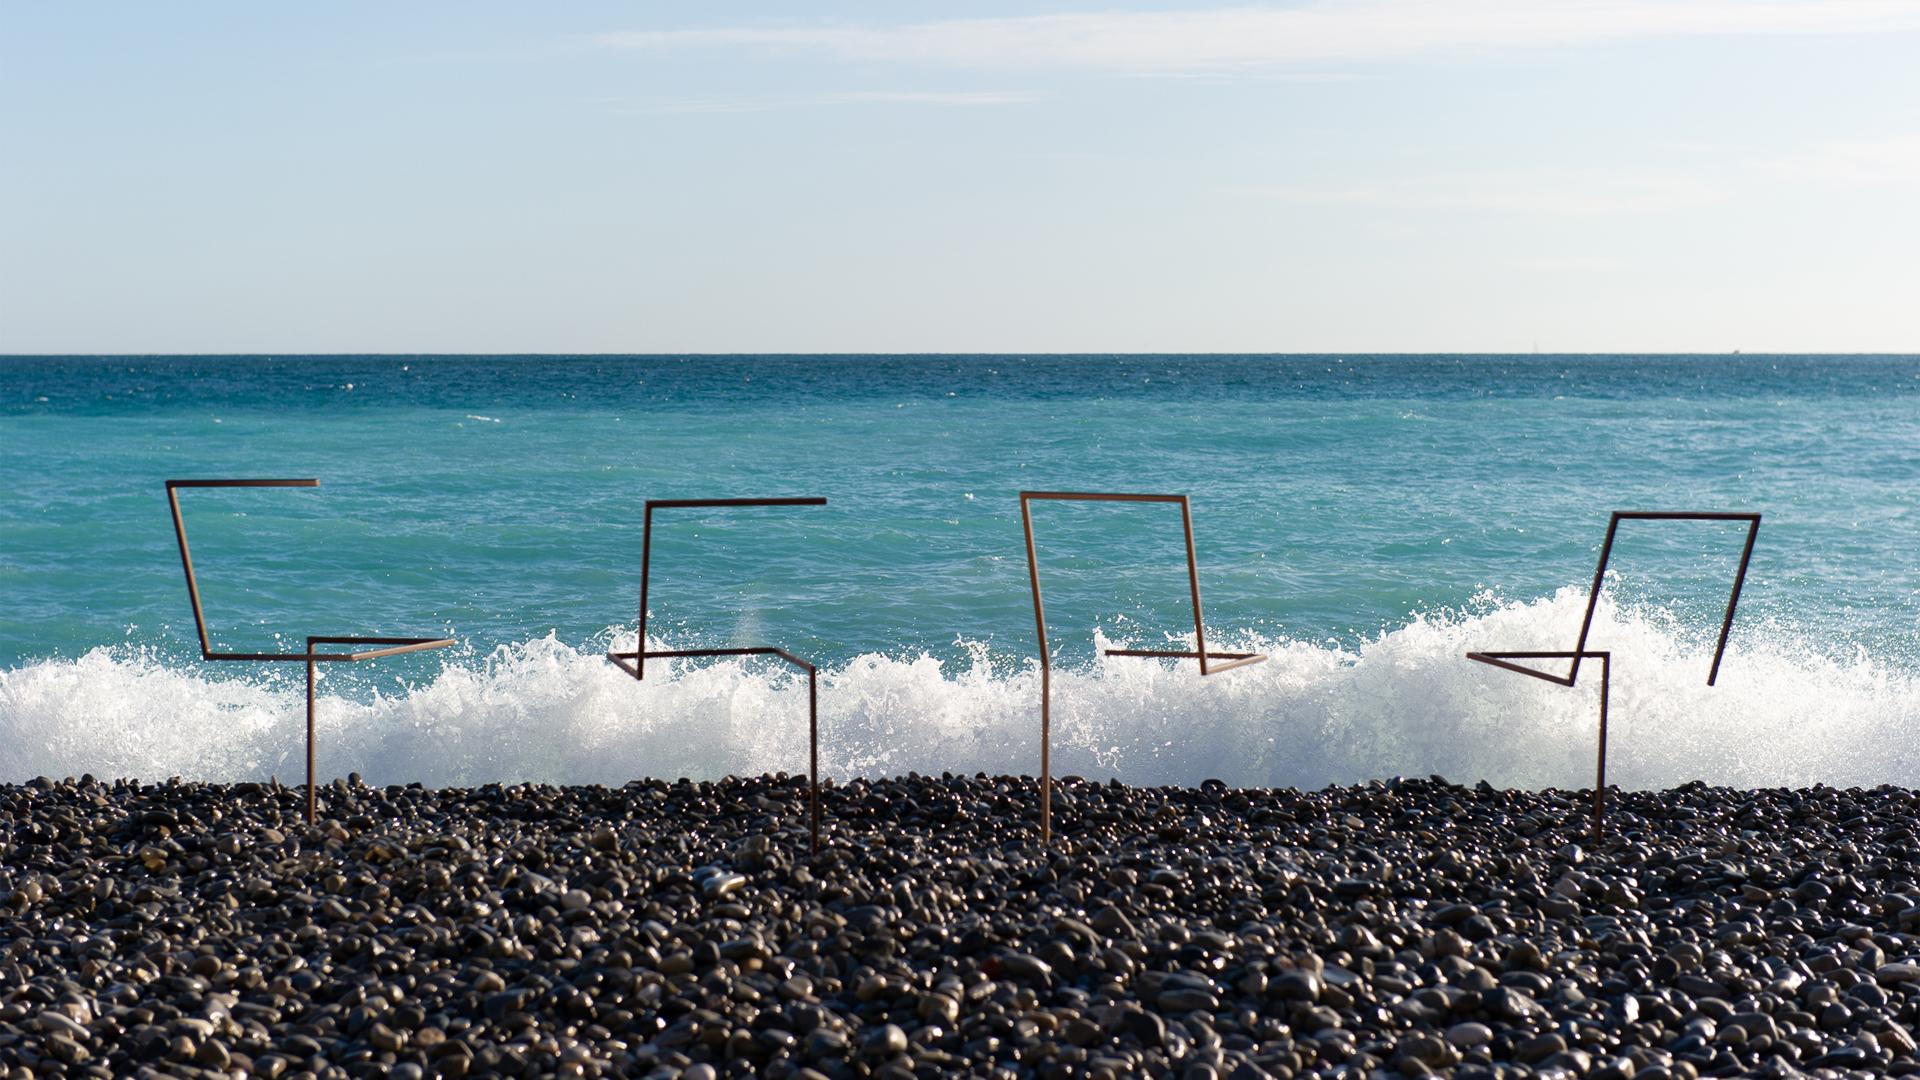 La sculpture extérieure .à la ligne est un ensemble de quatre sculptures de chaises en acier. Ancrée dans le sol par l'un des quatre pieds, chaque chaise trace son propre caractère sur l'horizon.